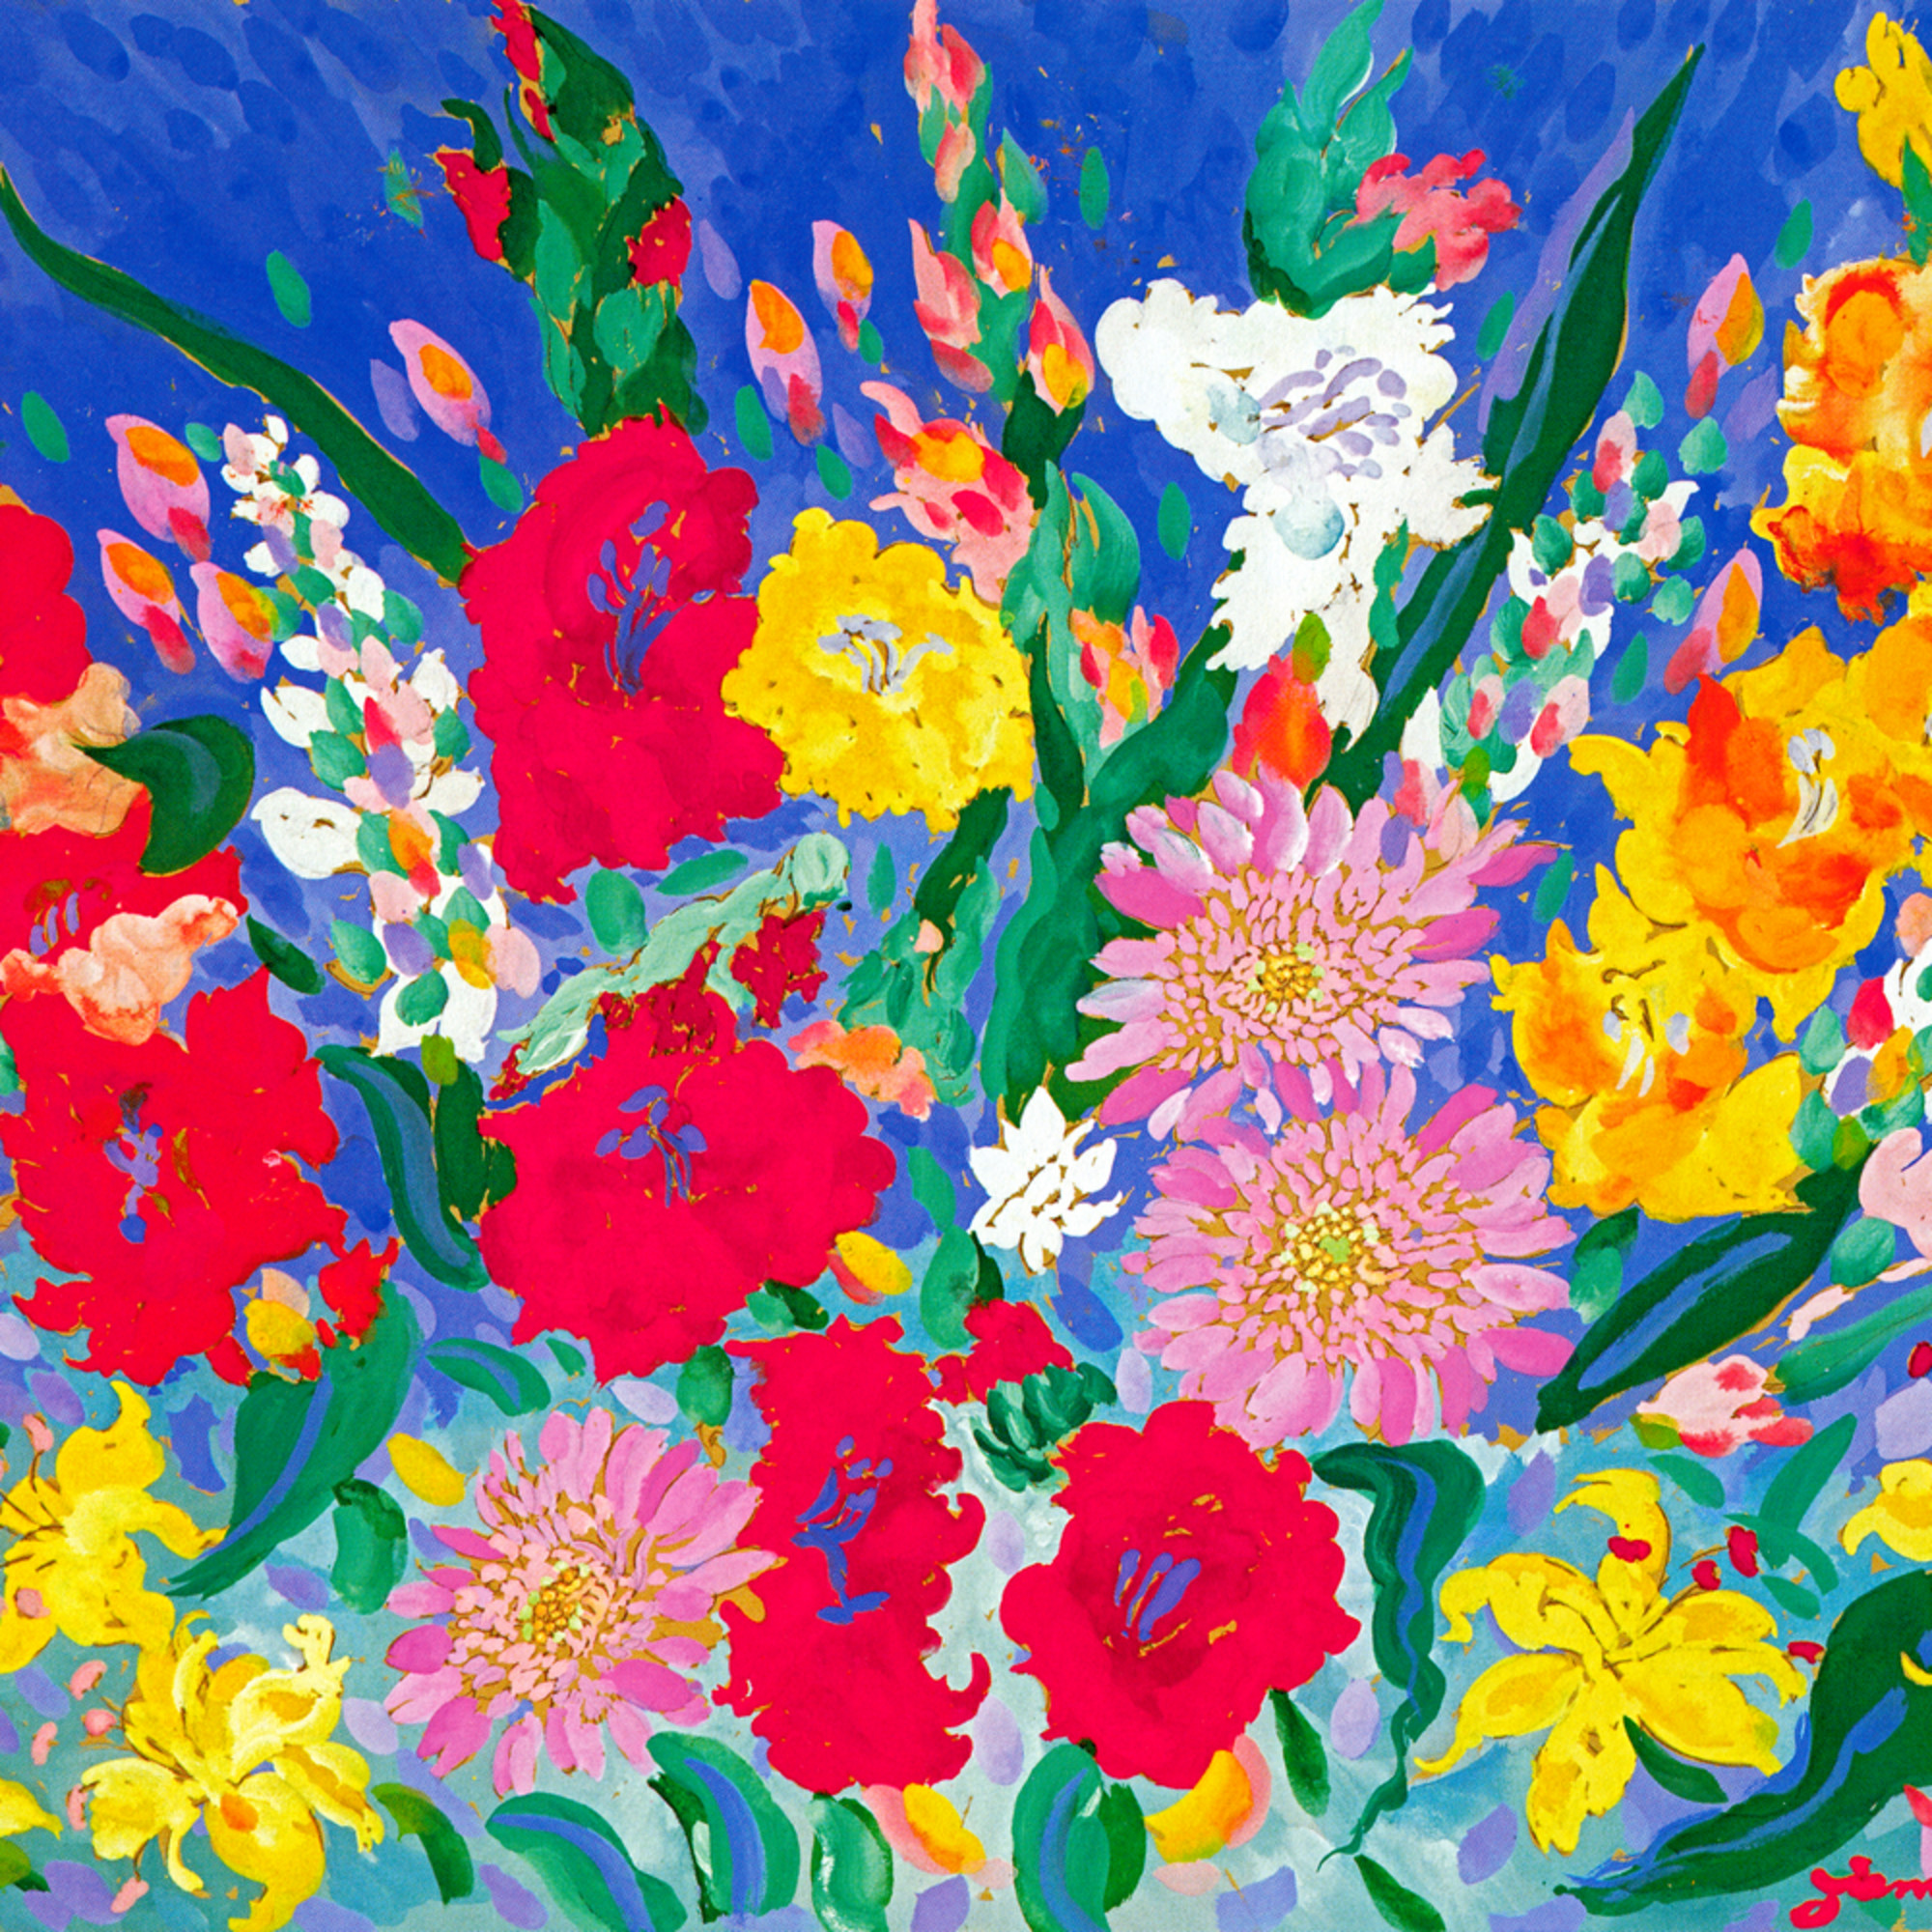 Flowers ii ligwkq